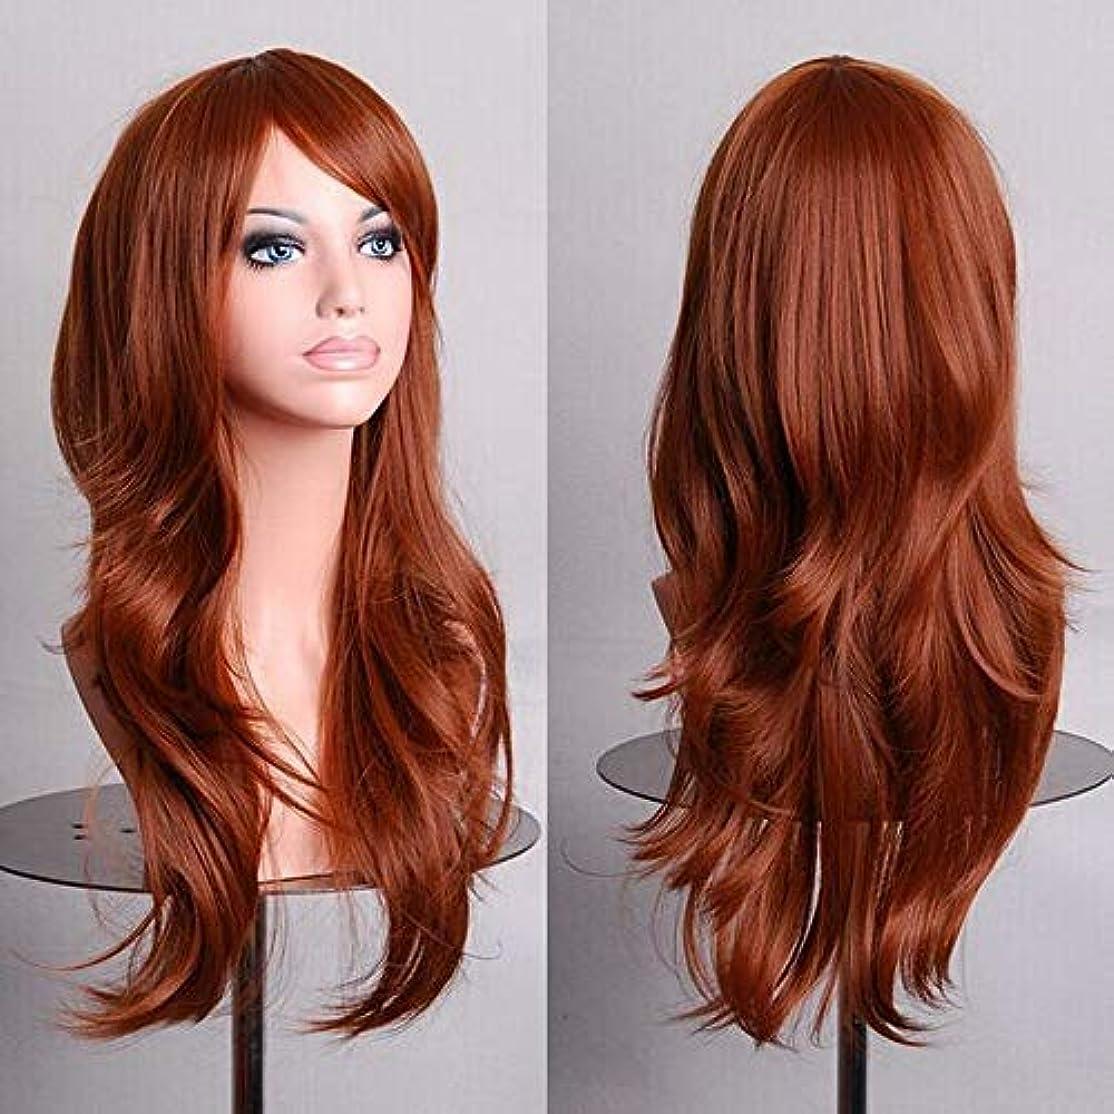 配列とらえどころのない太鼓腹女性のための色のかつら長いウェーブのかかった髪、高密度温度合成かつら女性のグルーレスウェーブのかかったコスプレヘアウィッグ、耐熱繊維ヘアウィッグハロウィン用、黄色ウィッグ27.55インチ (Color : Brown)